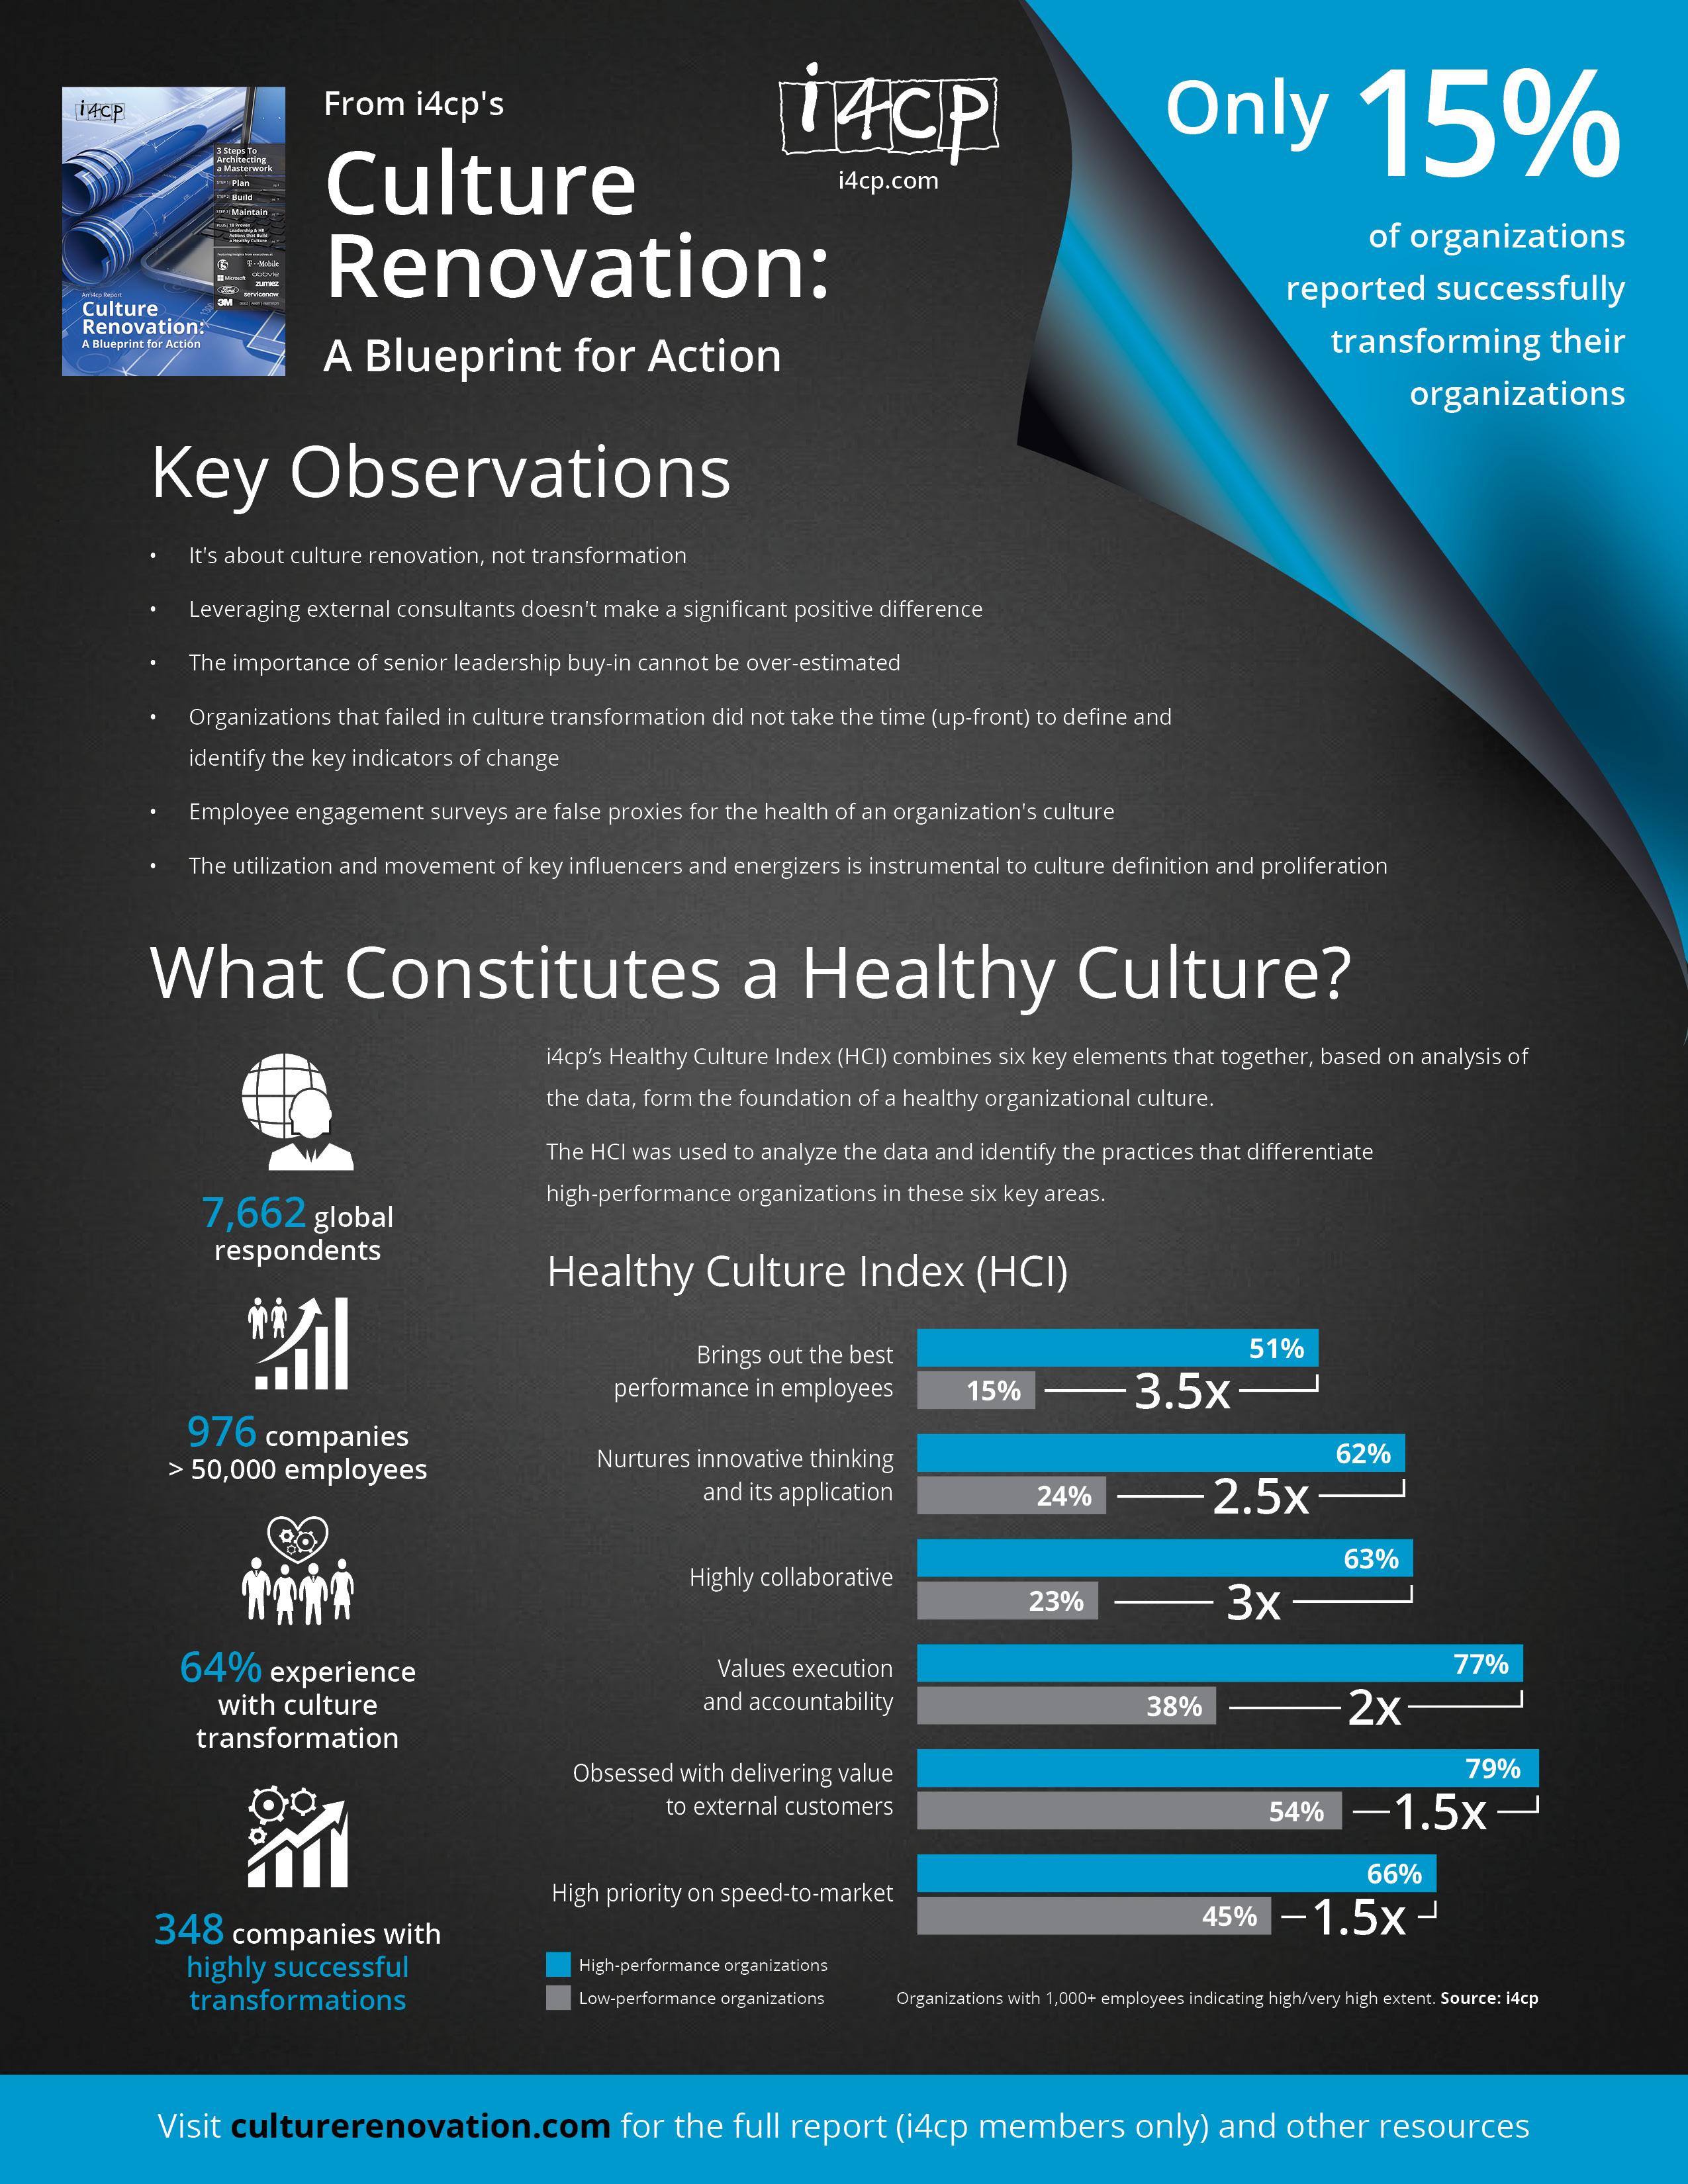 Key Observations Culture Renovation